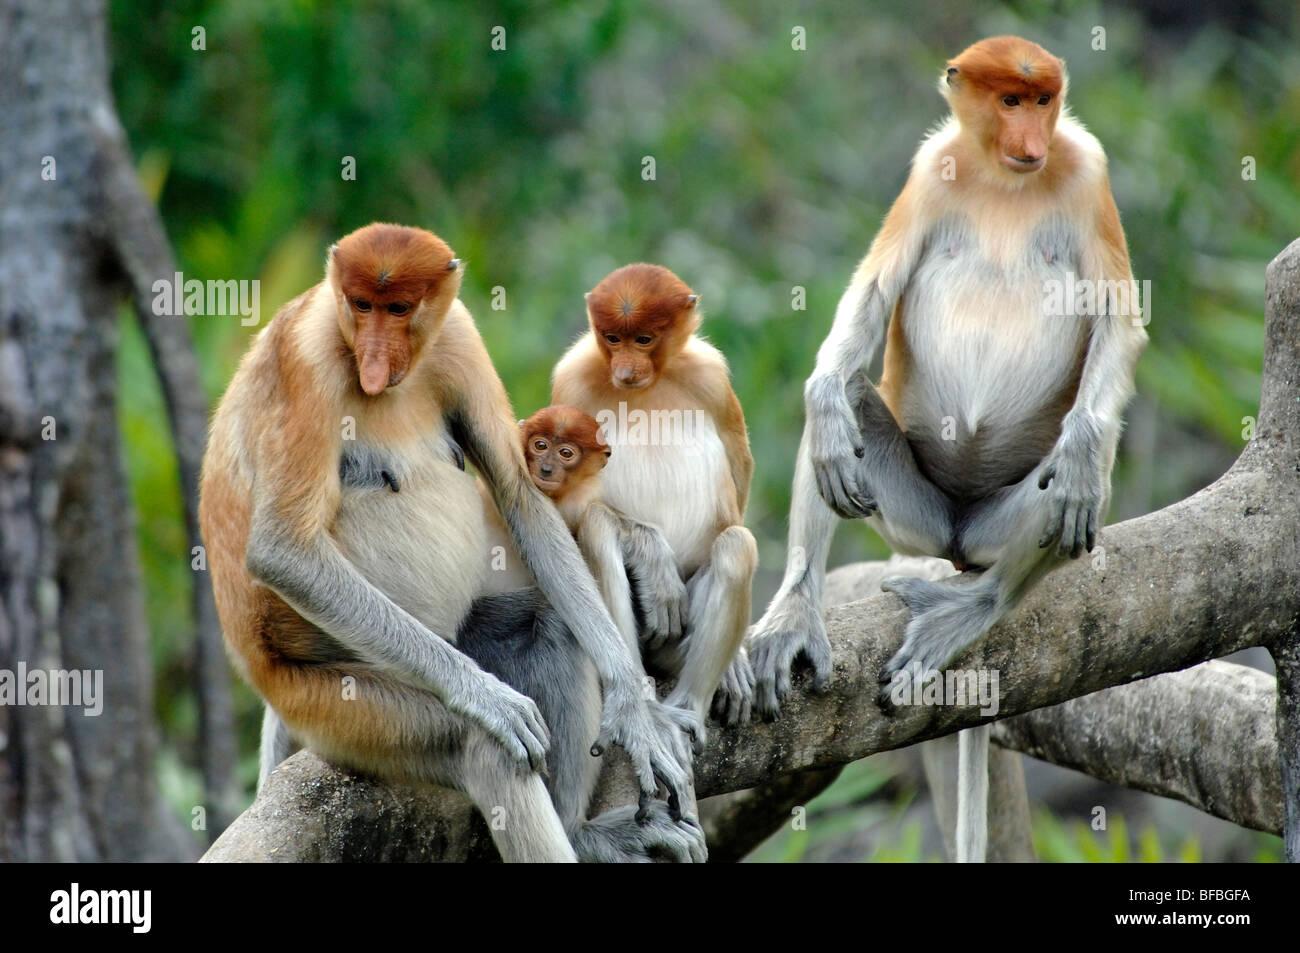 Gruppo familiare di proboscide scimmie (Nasalis larvatus) femmine e giovani seduti sui rami, Labuk Bay, Sabah, Malesia, Immagini Stock